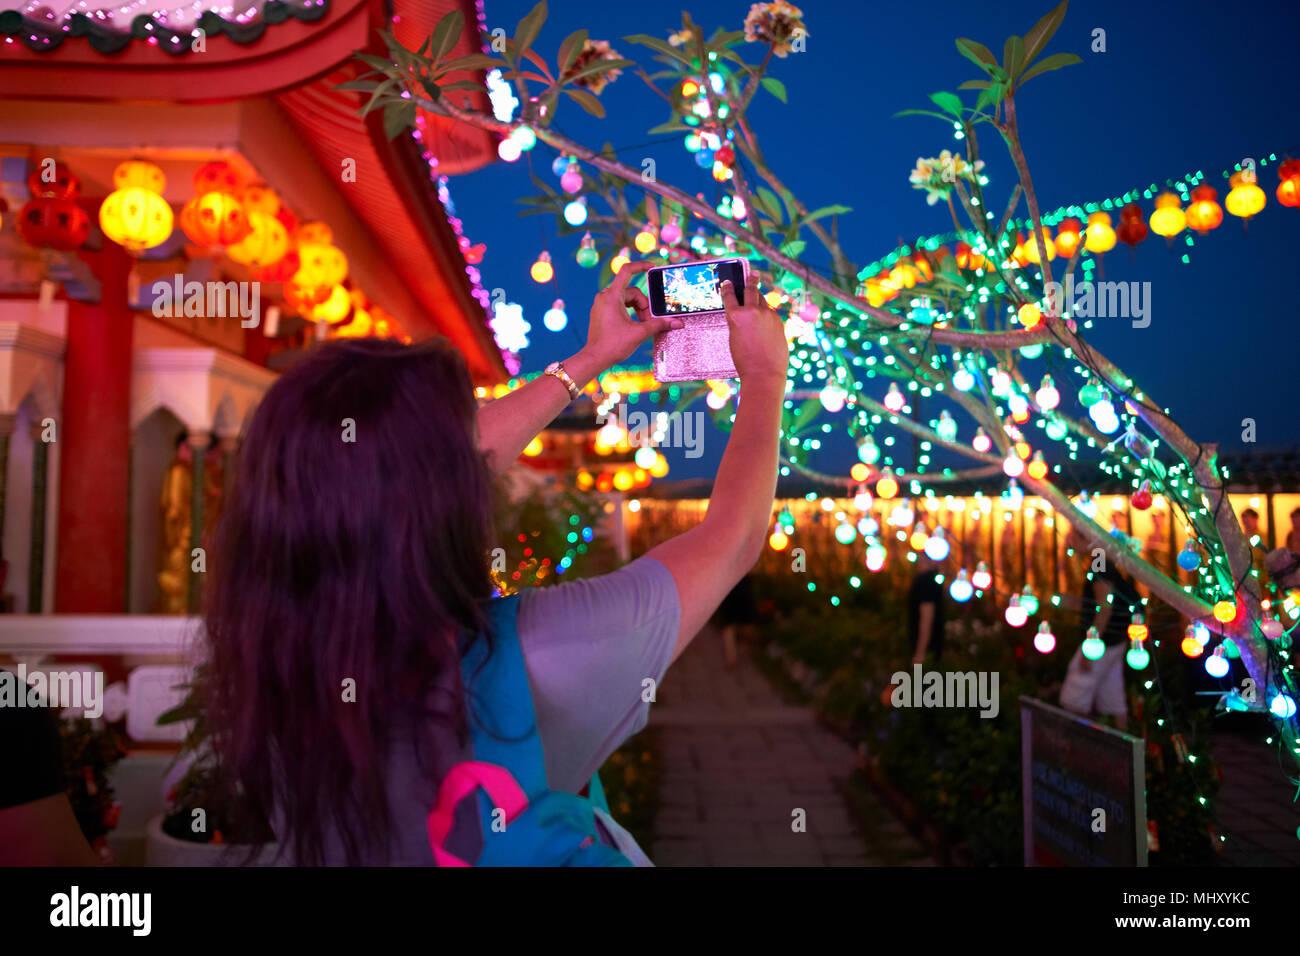 Turistica prendendo fotografia di decorazioni di luce, Tempio di Kek Lok Si, Isola di Penang, Malaysia Immagini Stock